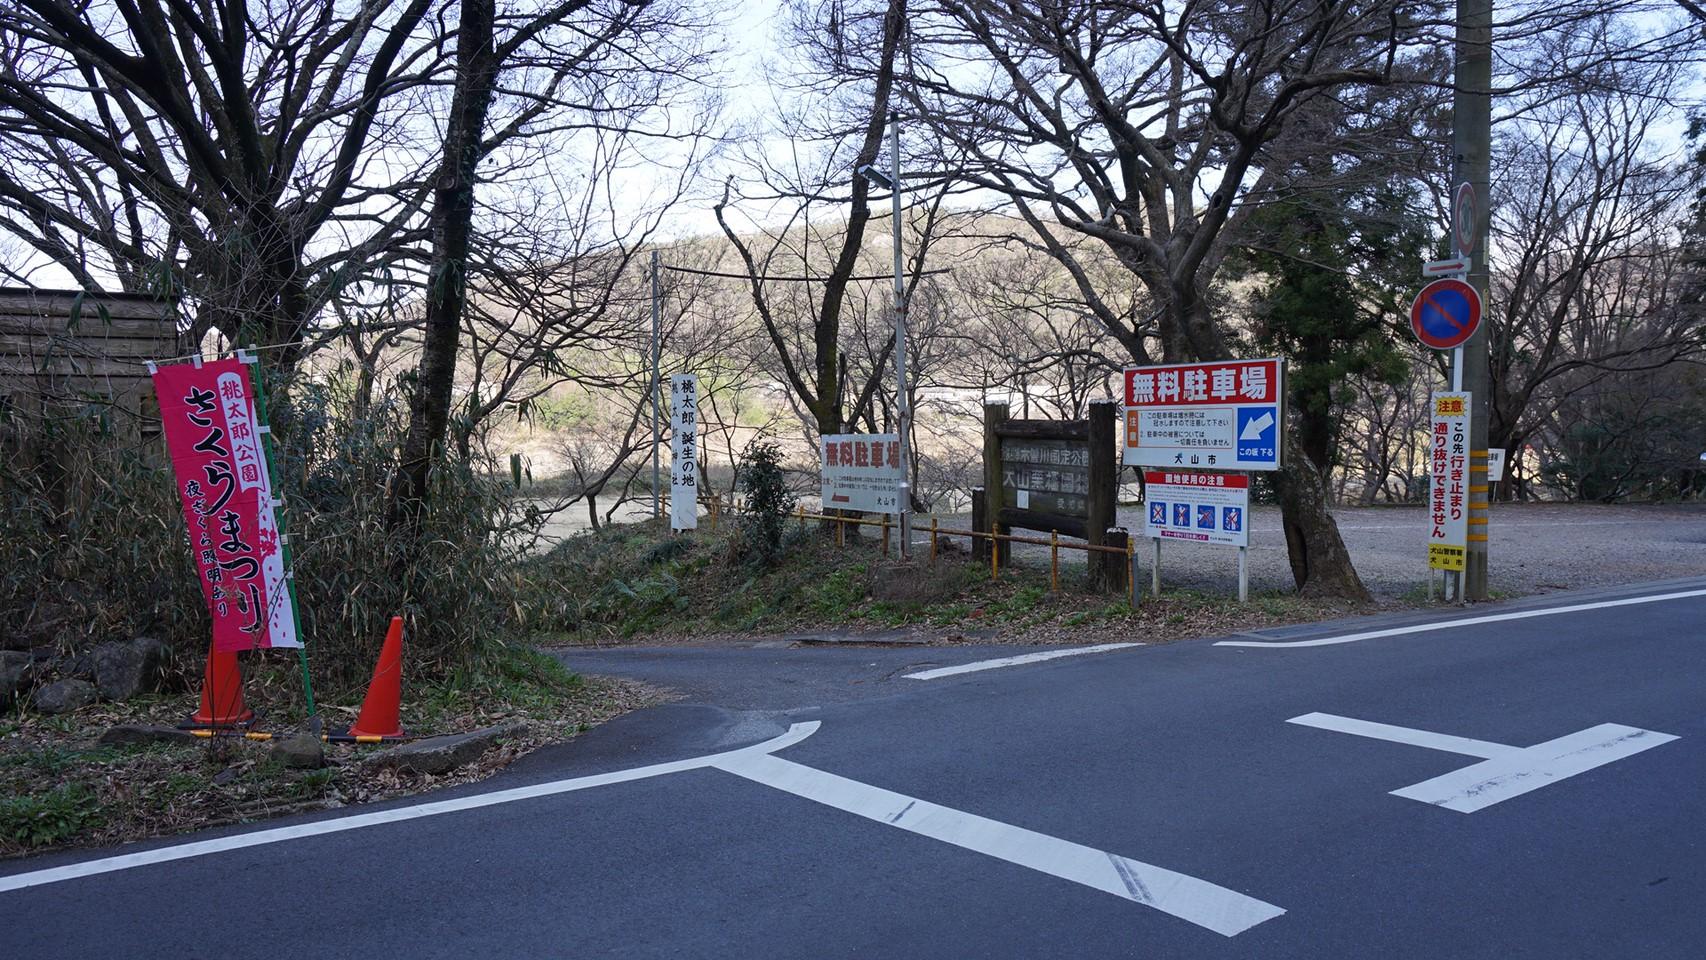 【愛知県】『桃太郎公園 栗栖園地』のキャンプ場情報まとめ(料金・駐車場・アクティビティ)